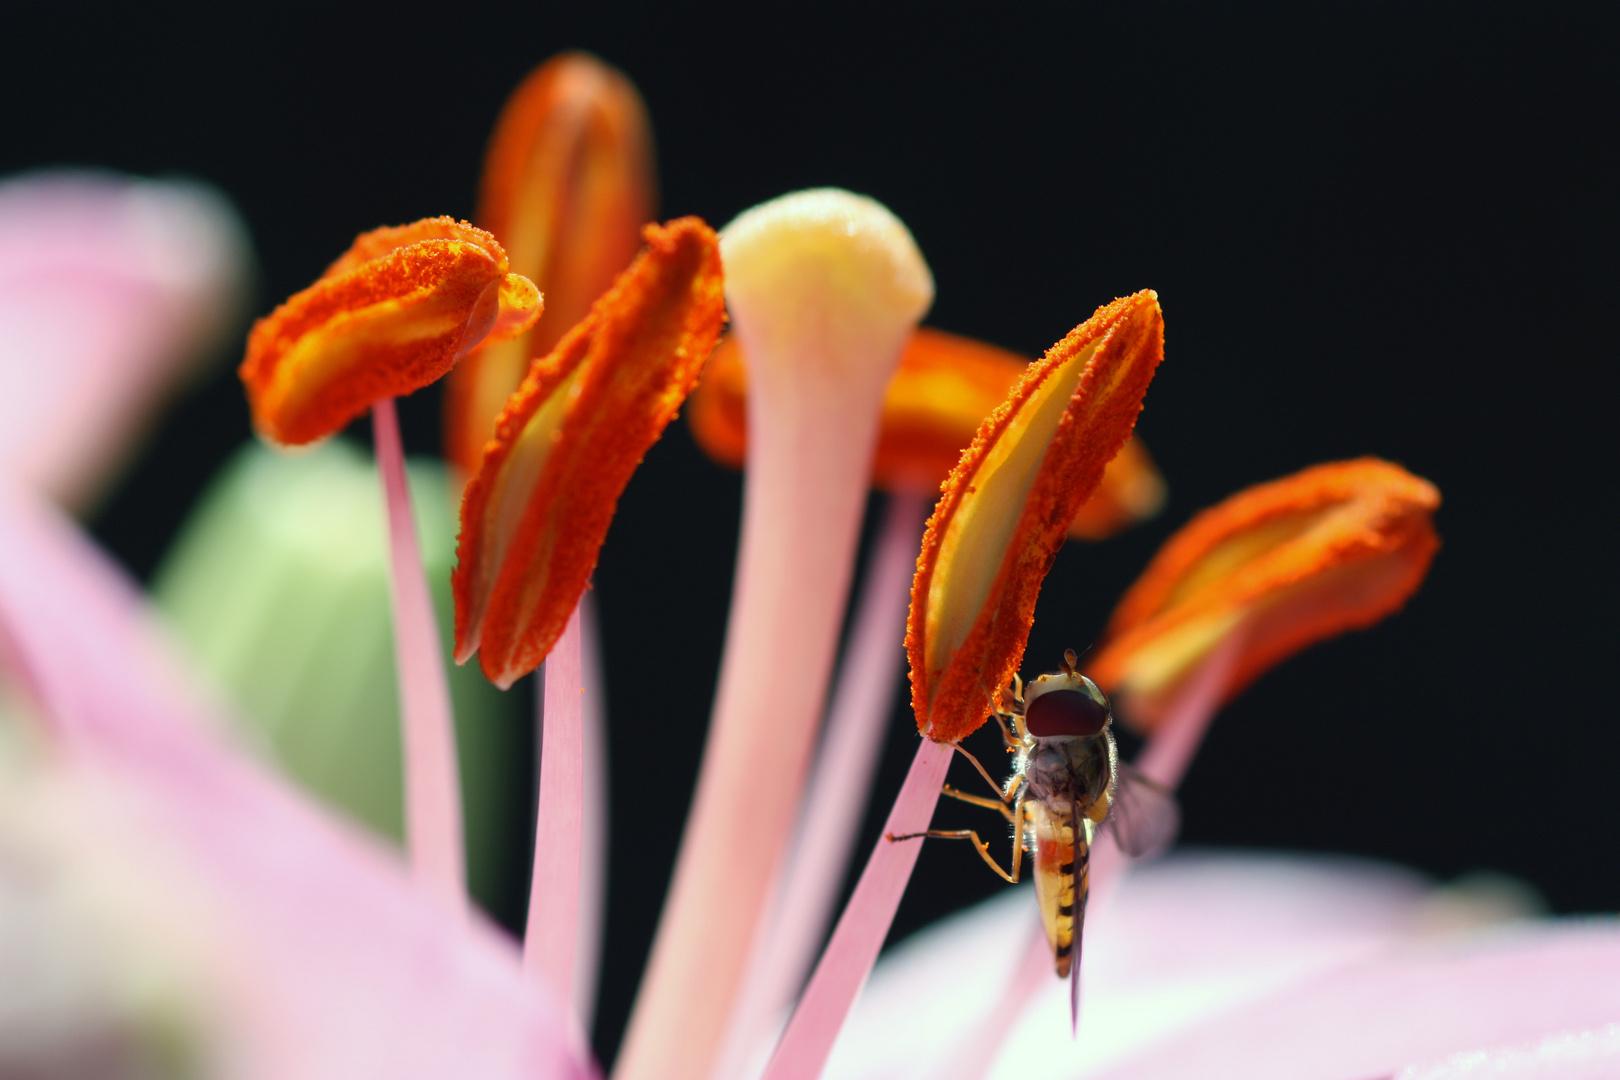 Eine Fliege, die sich als Biene tarnt